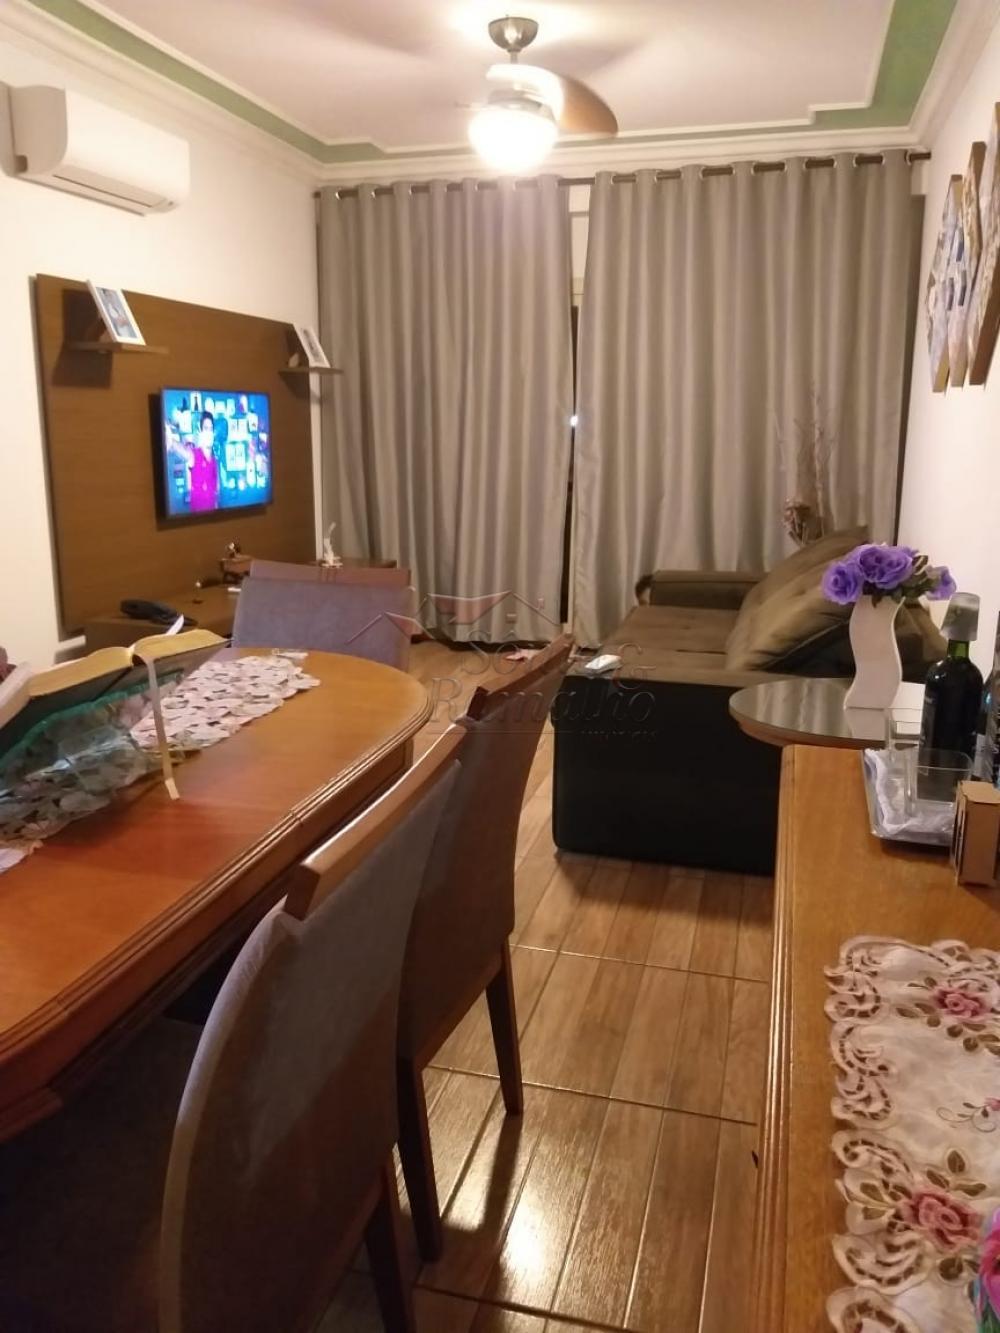 Comprar Apartamentos / Padrão em Ribeirão Preto apenas R$ 196.000,00 - Foto 18